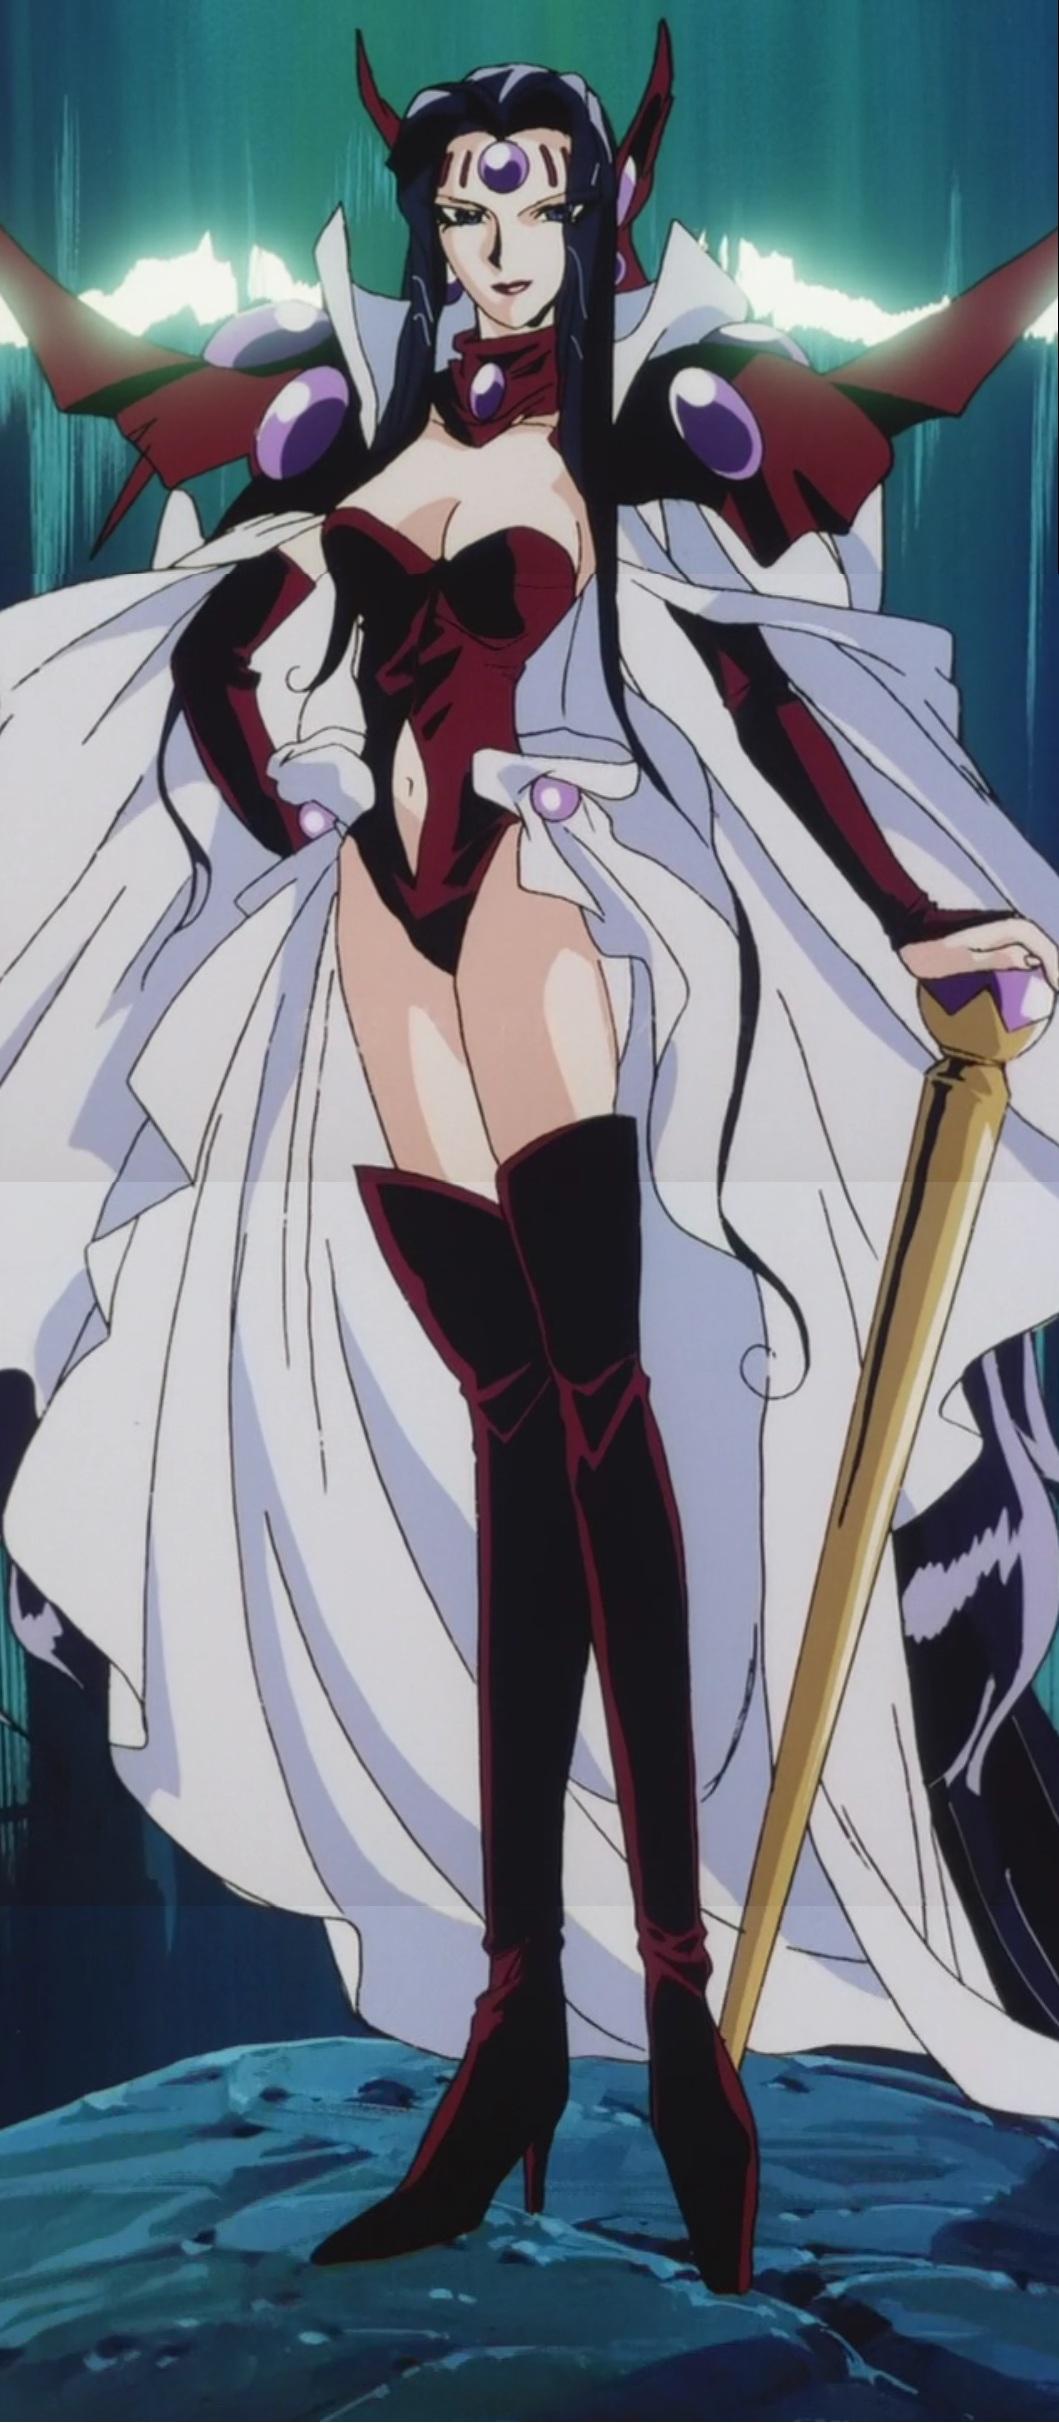 Aika zero 1 ova anime 2009 - 5 6